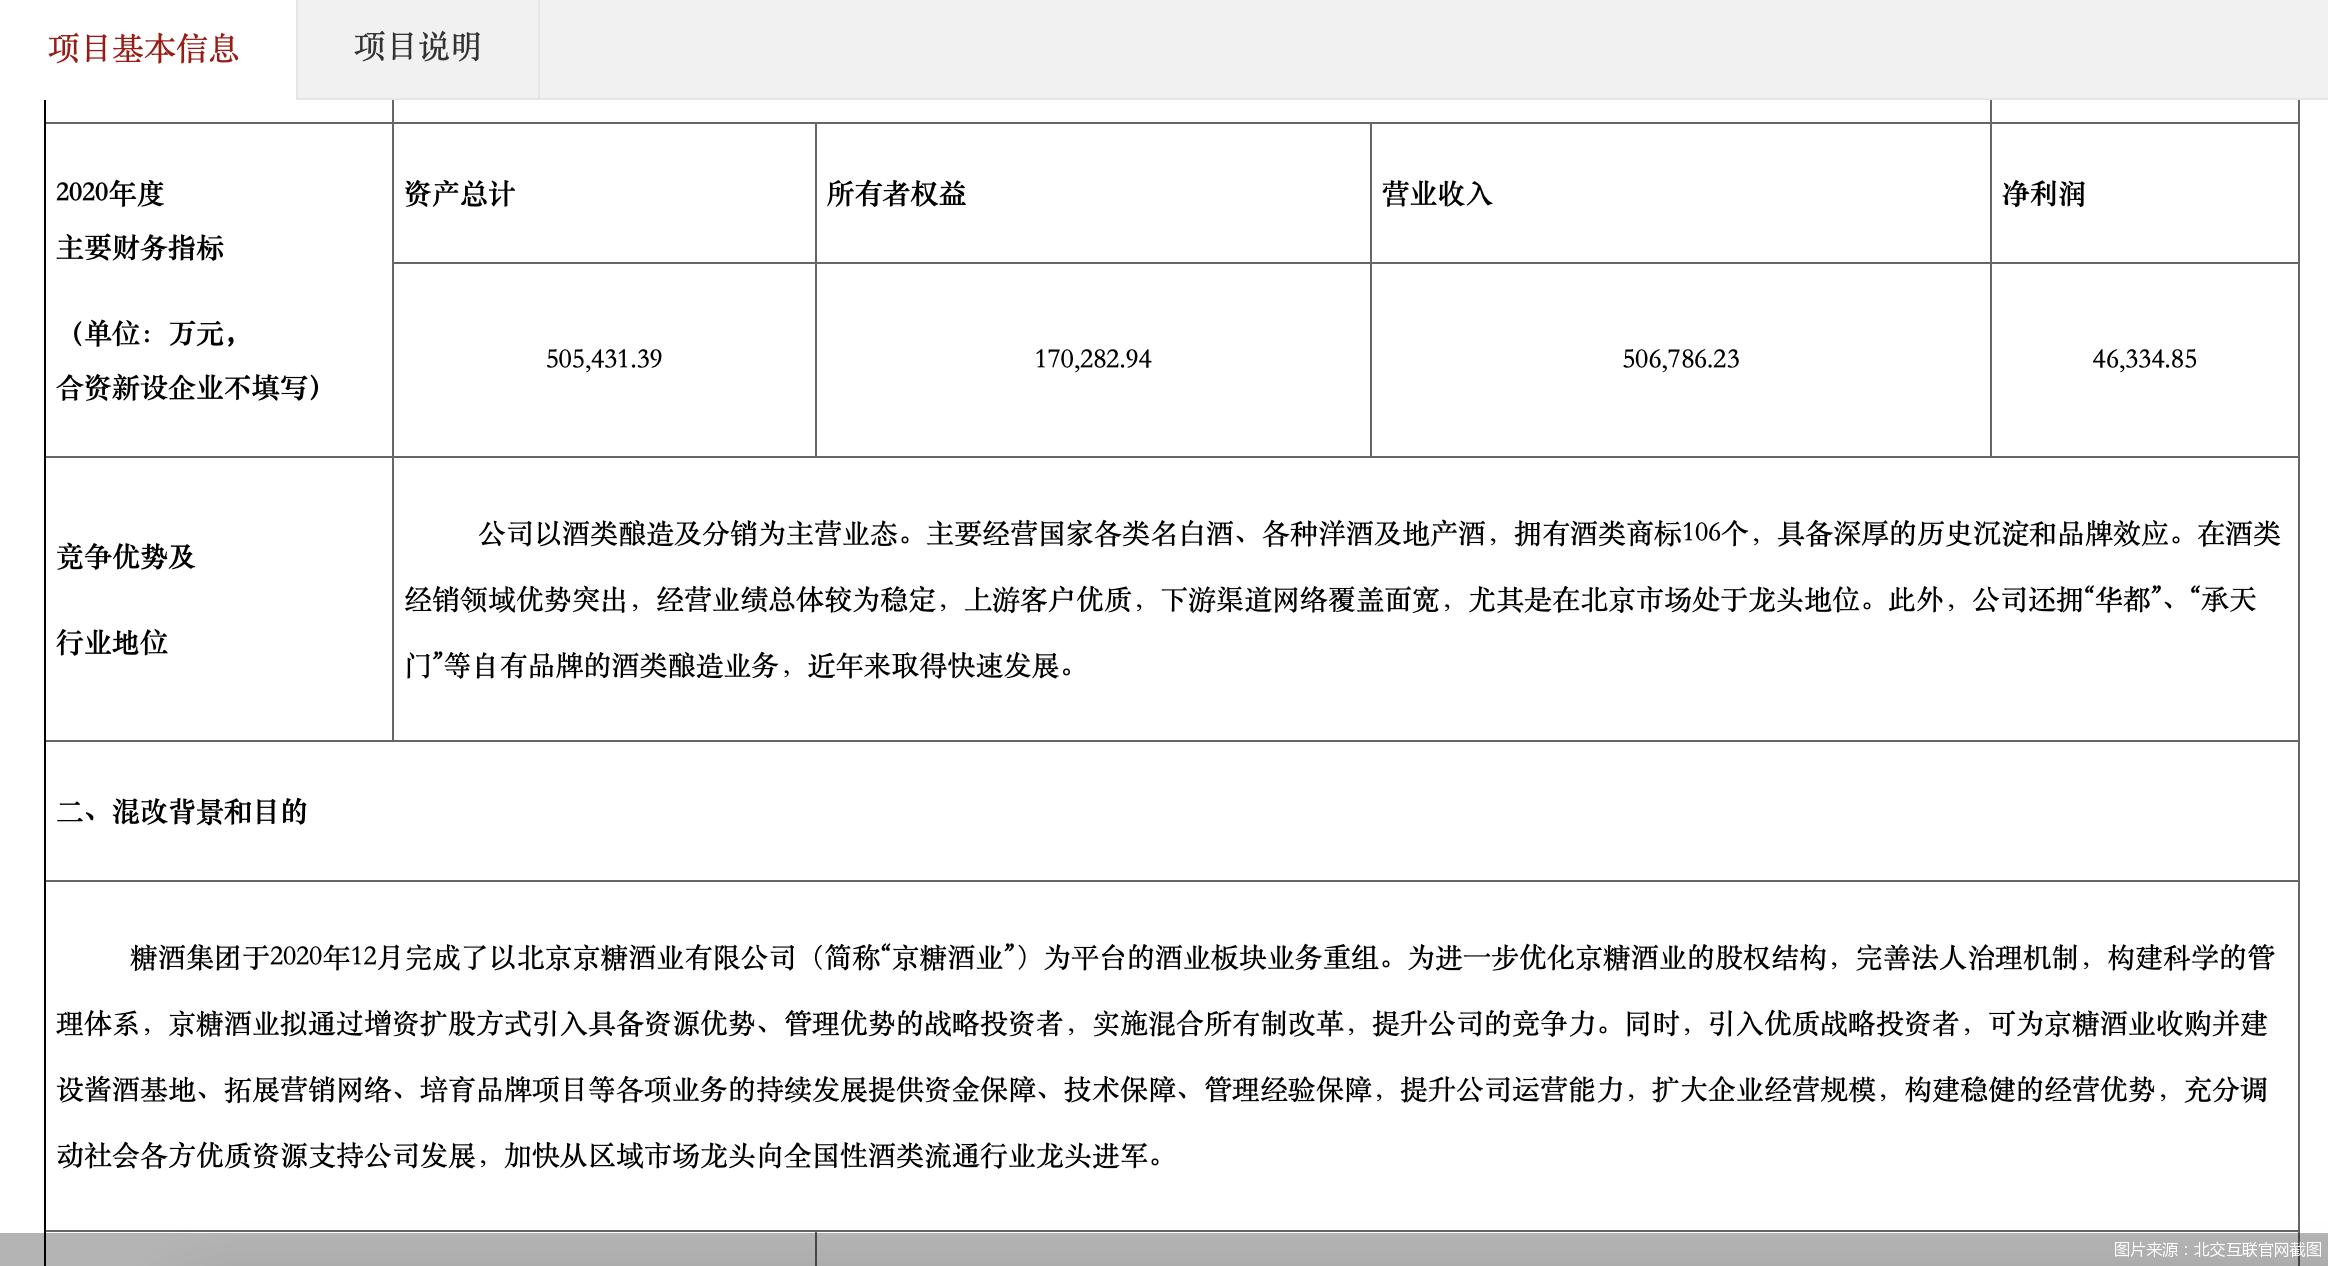 京糖酒业冲击IPO 为顺利上市开始混改